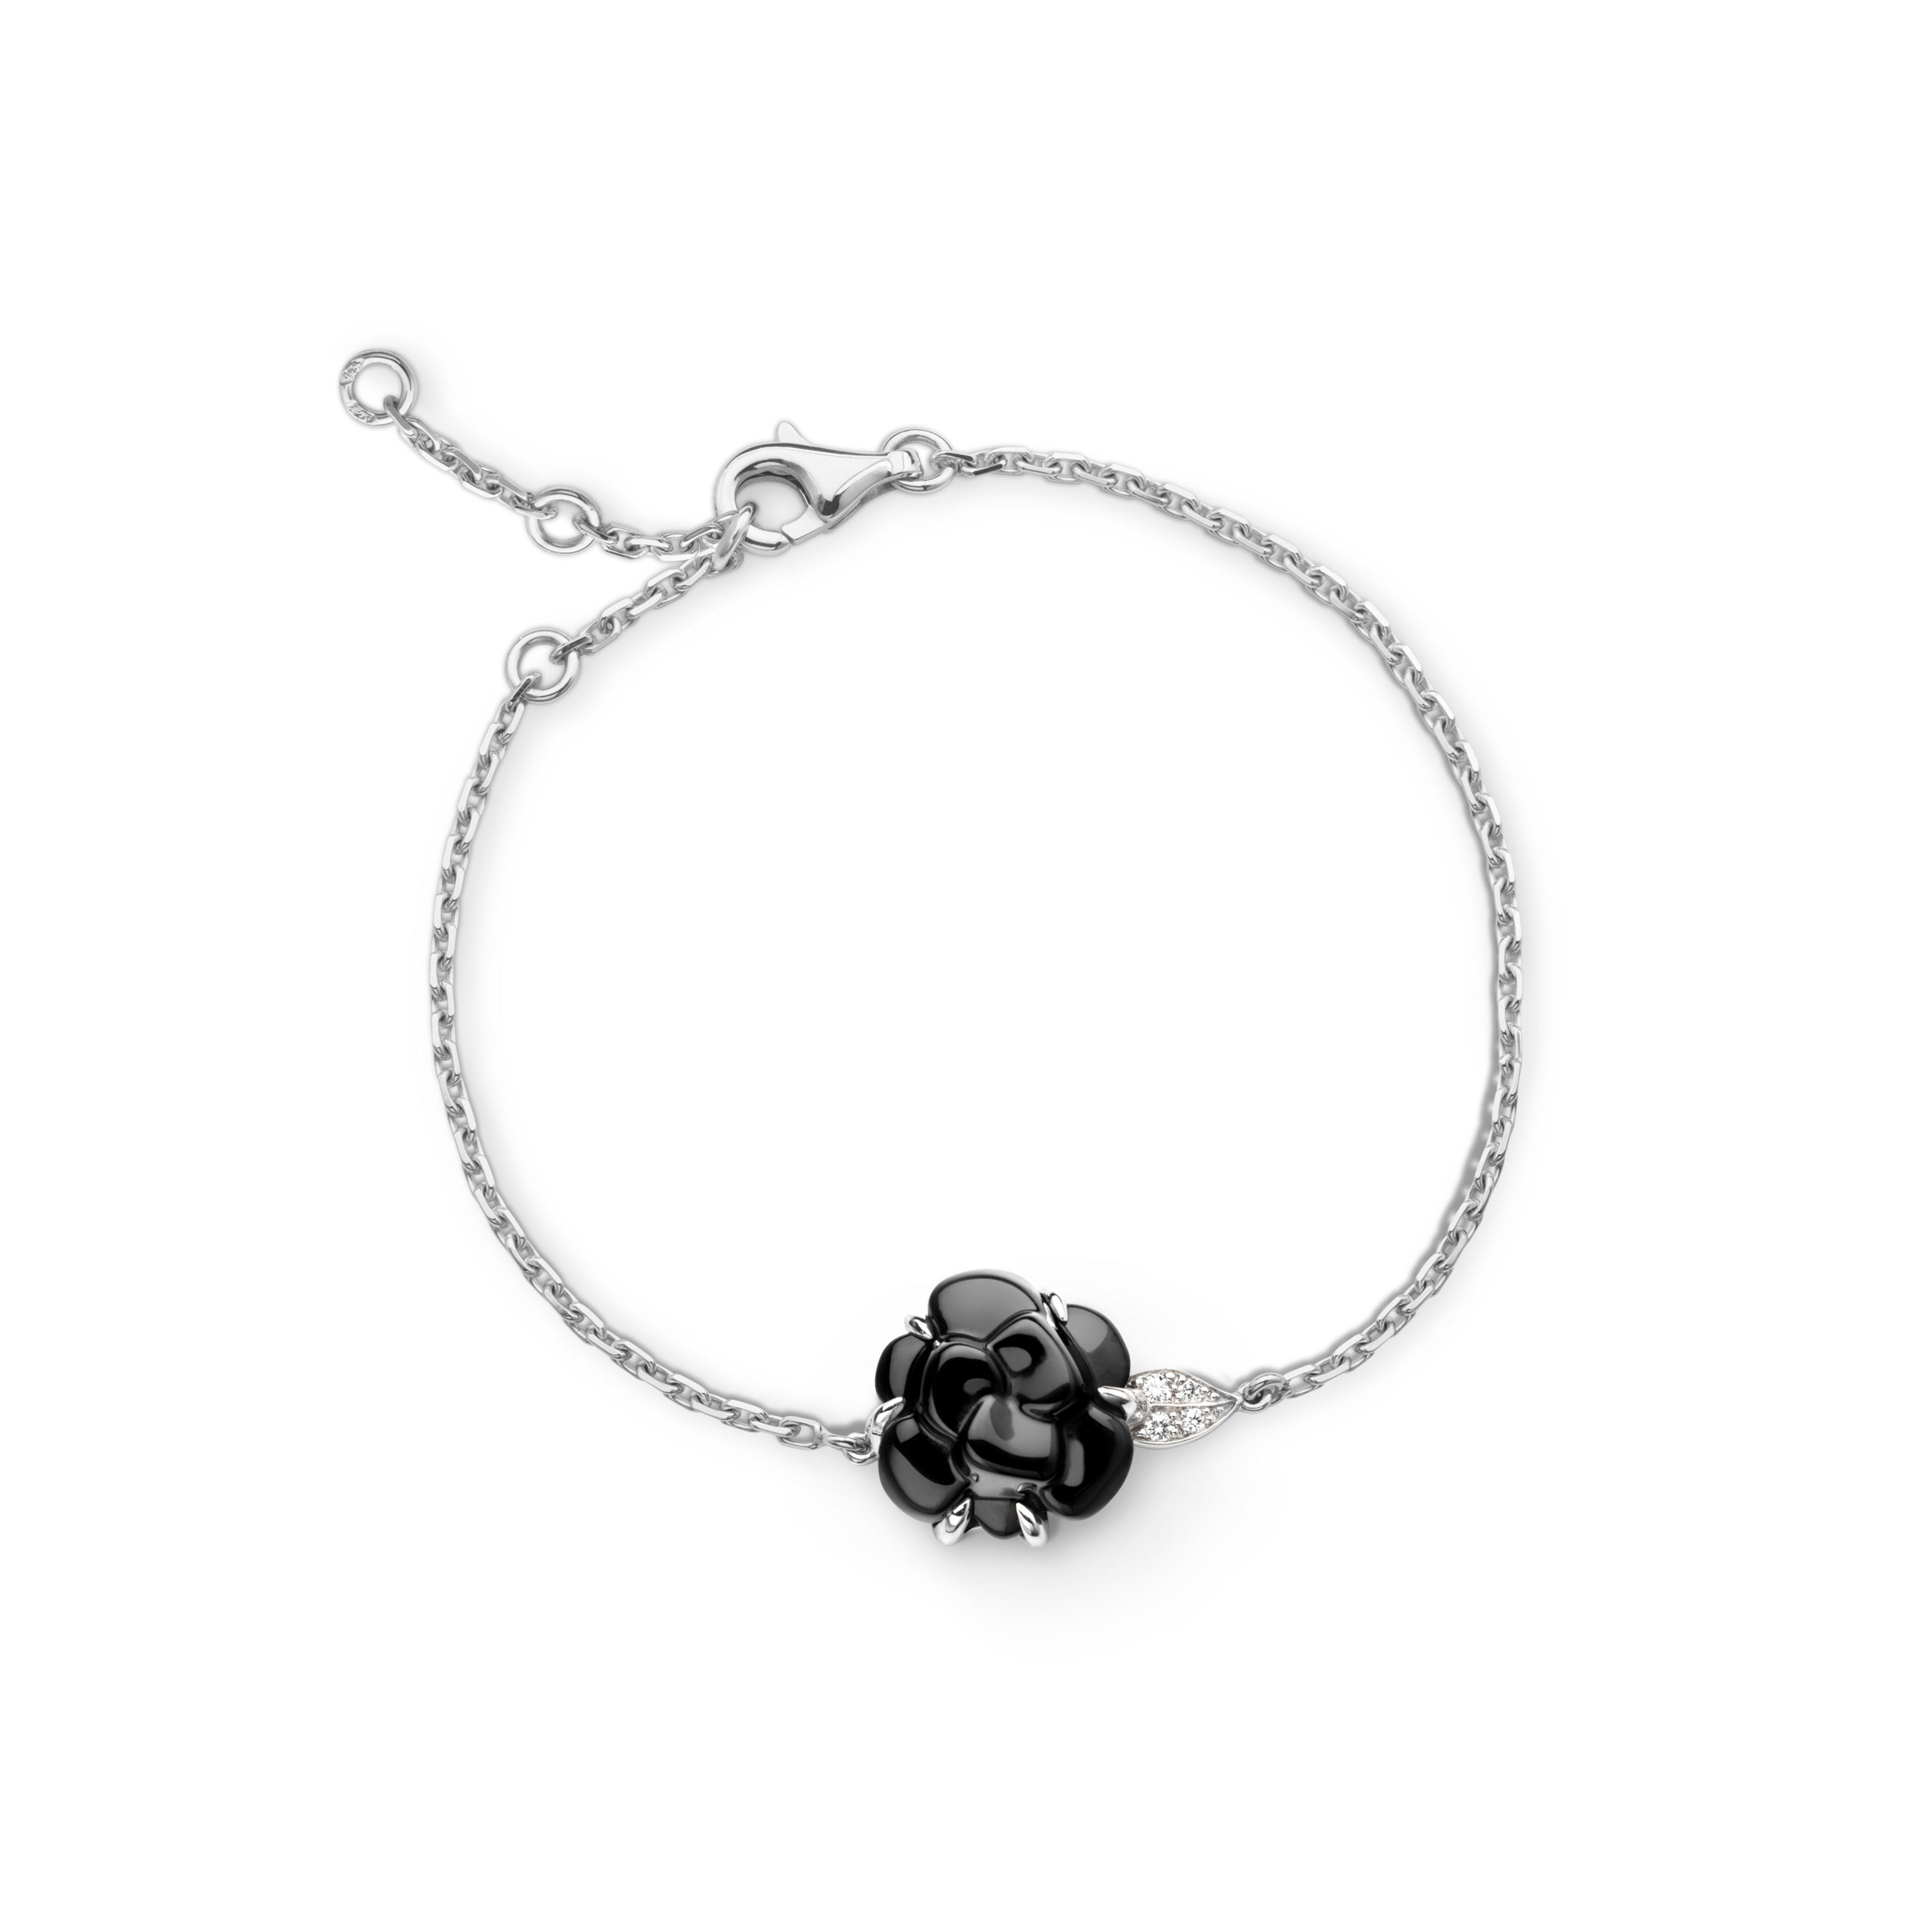 Camélia bracelet - Camélia Sculpté bracelet in black onyx, 18K white gold and diamonds - Default view - see full sized version